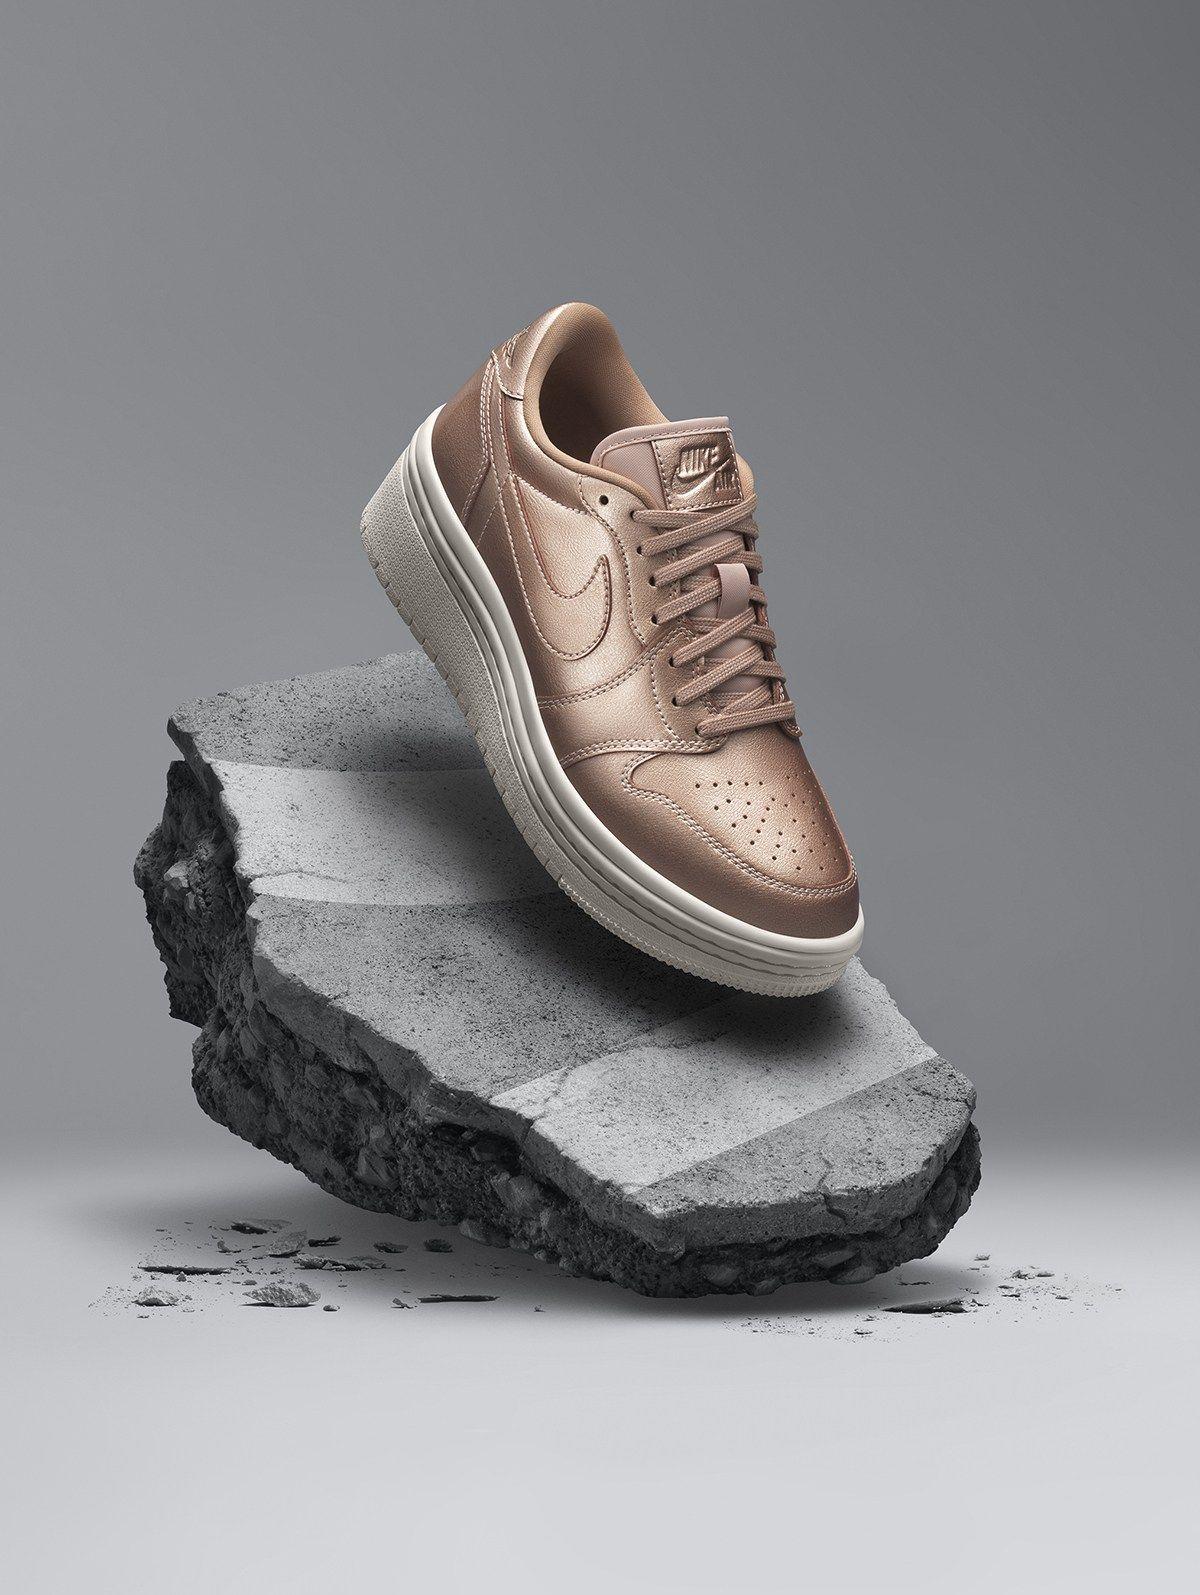 99158834d Air Jordan Summer 2018 Women s Sneaker Collection - EUKicks.com Sneaker  Magazine